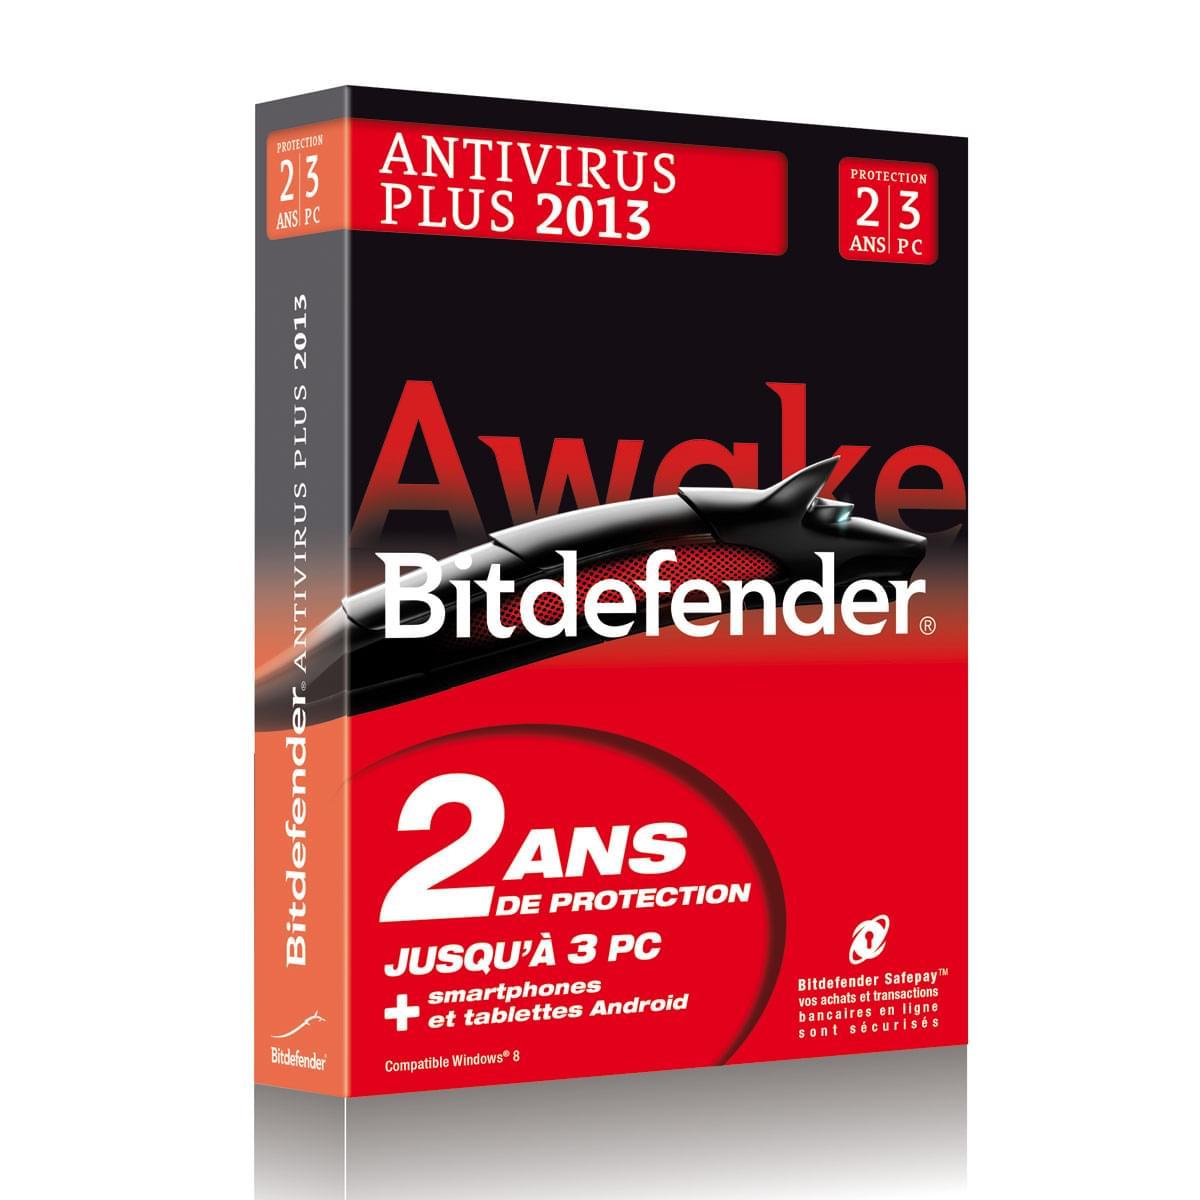 Bitdefender Antivirus Plus 2013 (B-FBDAV-3W2P003) - Achat / Vente Logiciel sécurité sur Cybertek.fr - 0